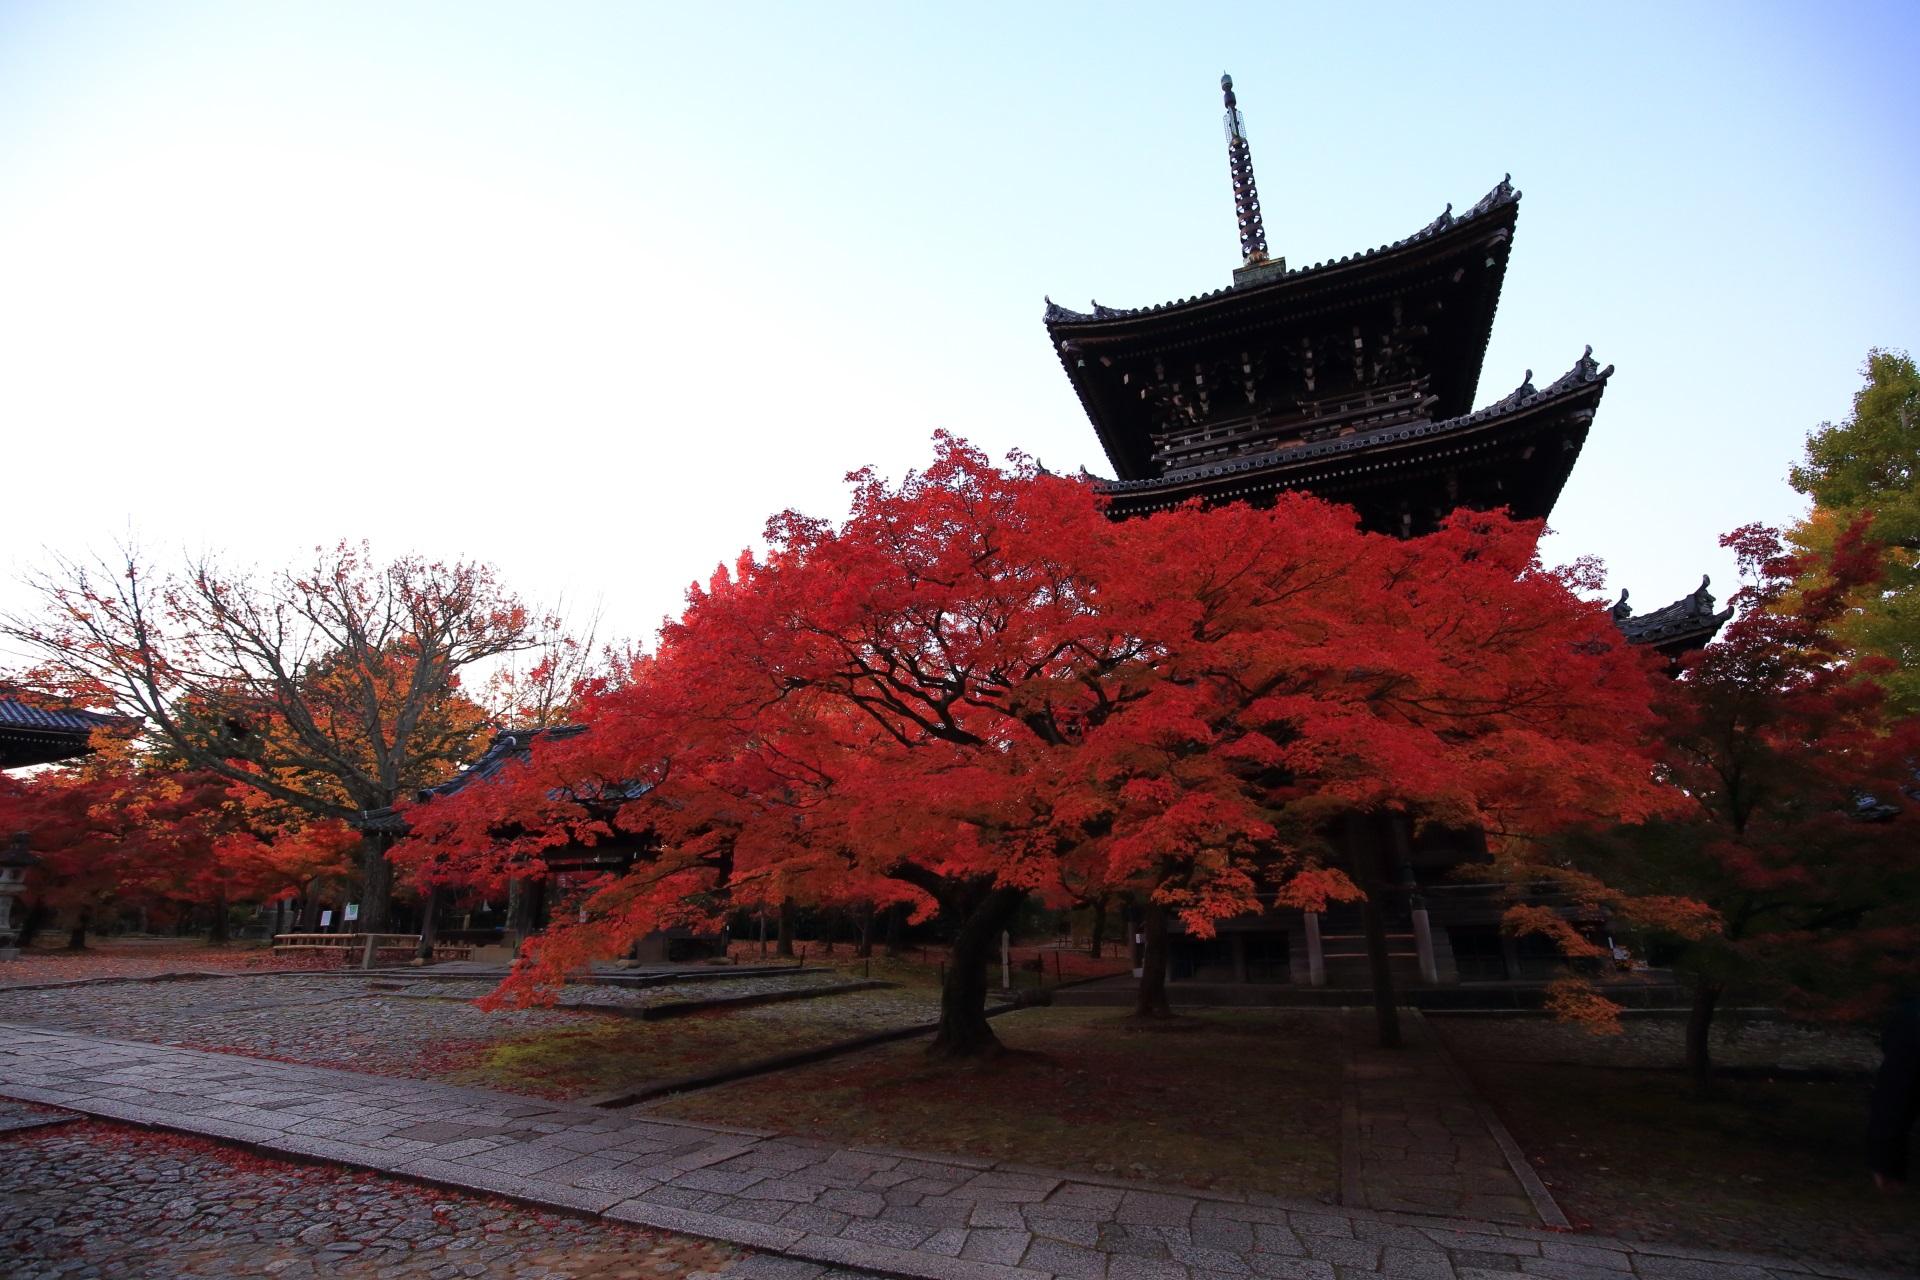 真如堂の三重塔と紅葉の絵になる秋の風景